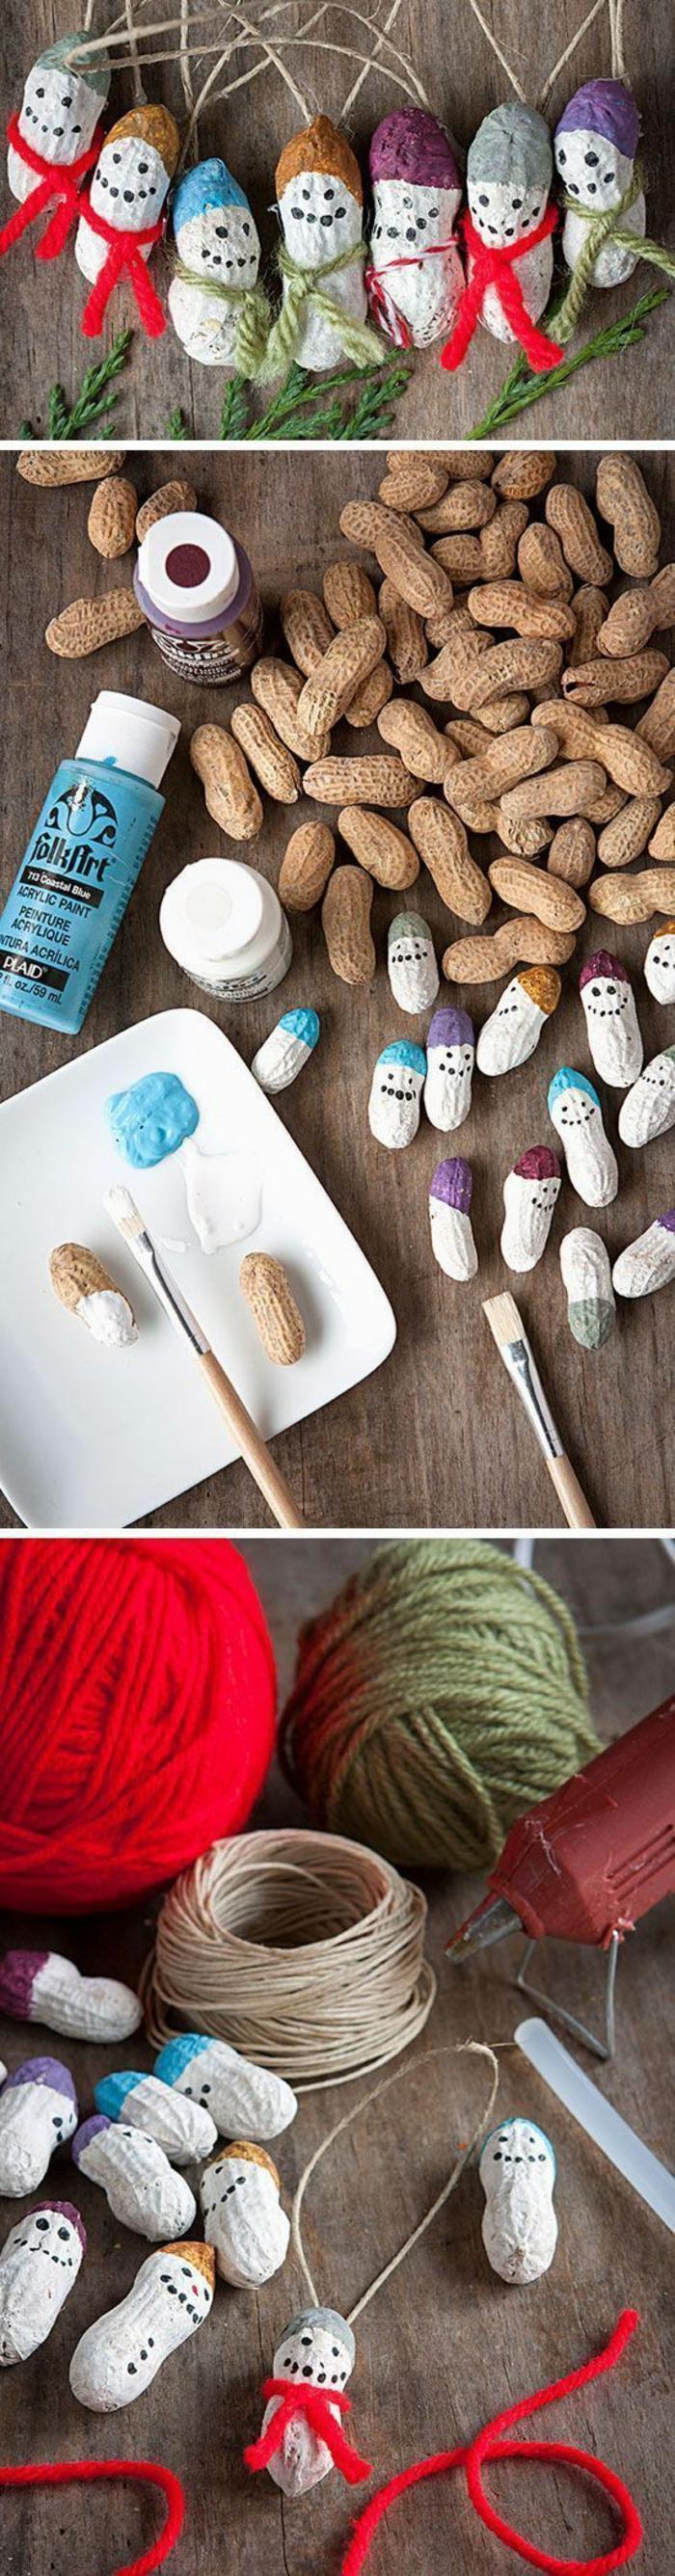 décoration de noel à faire soi même, cacahuètes peintes en blanc, avec des yeux et des bouches dessinées, suspendus sur le sapin avec des fils colorés